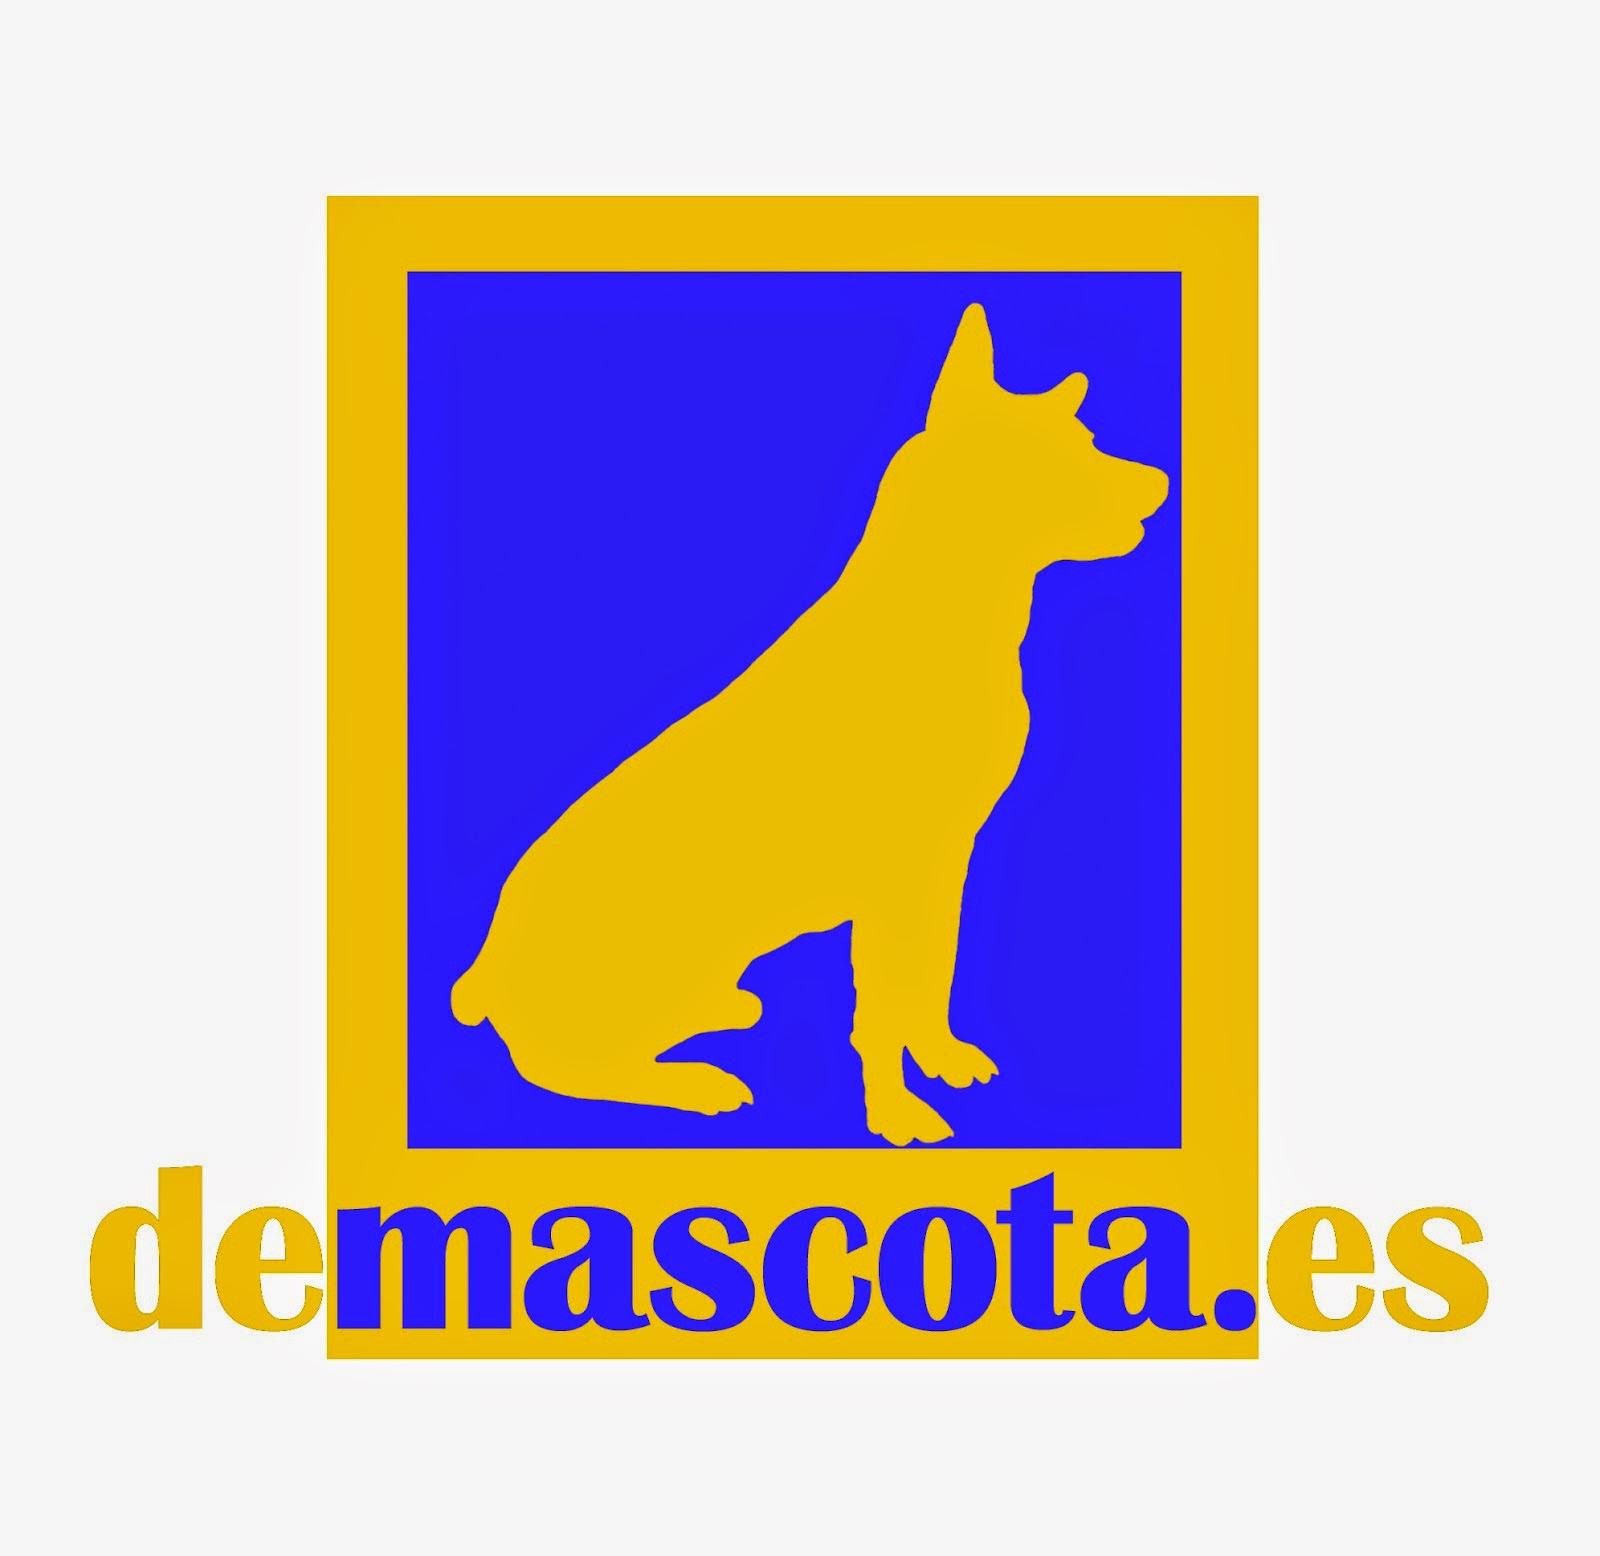 demascota.es